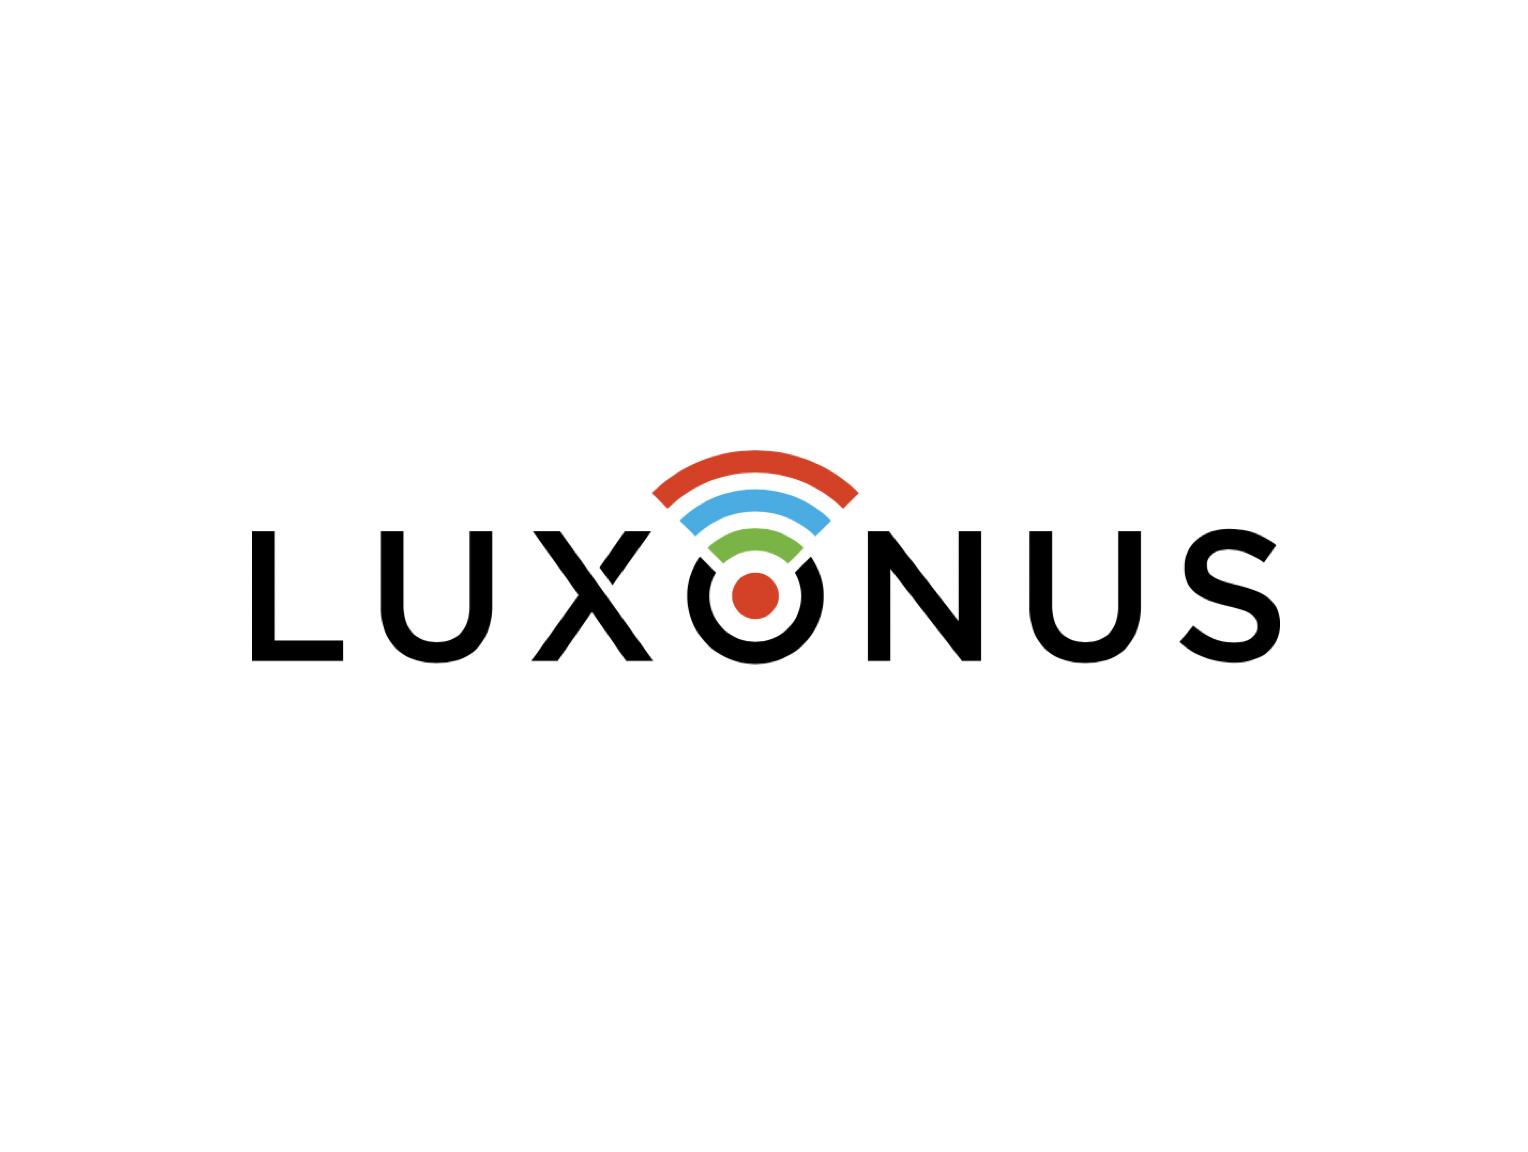 Luxonusが約6億円を資金調達、疾患の早期発見・病勢診断が可能な撮影装置の量産化を推進